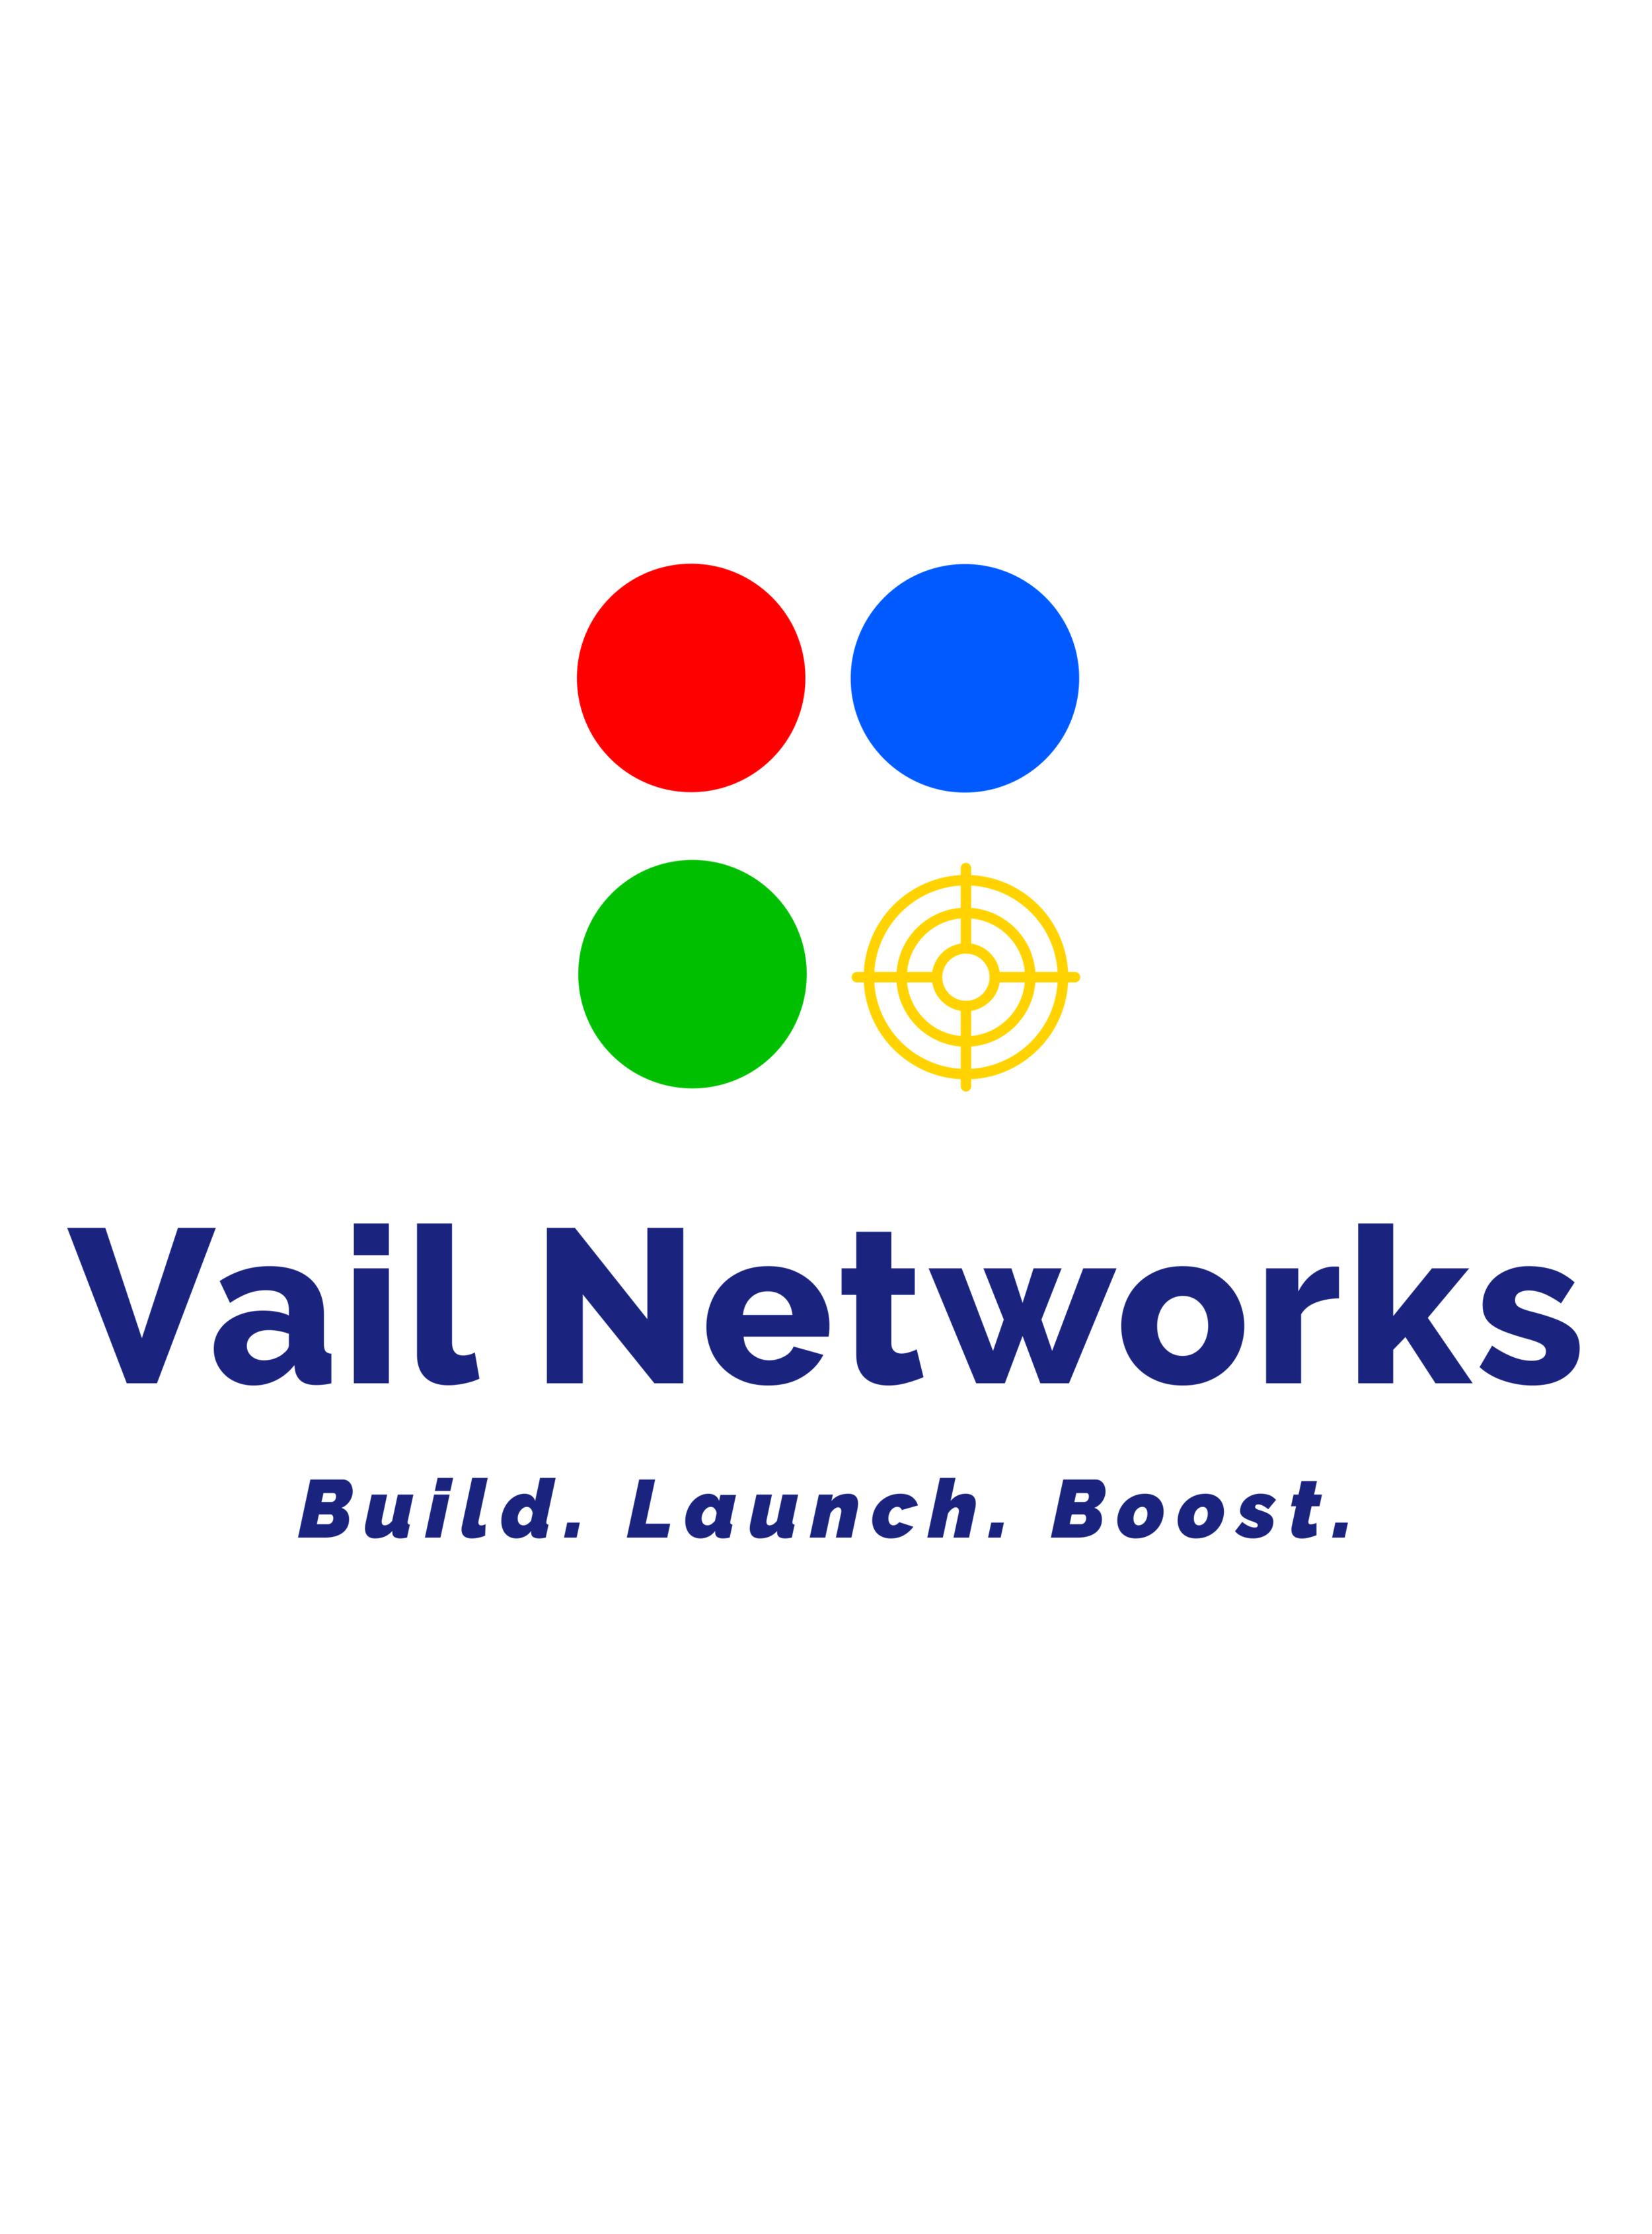 VailNetworks.com  (Review)